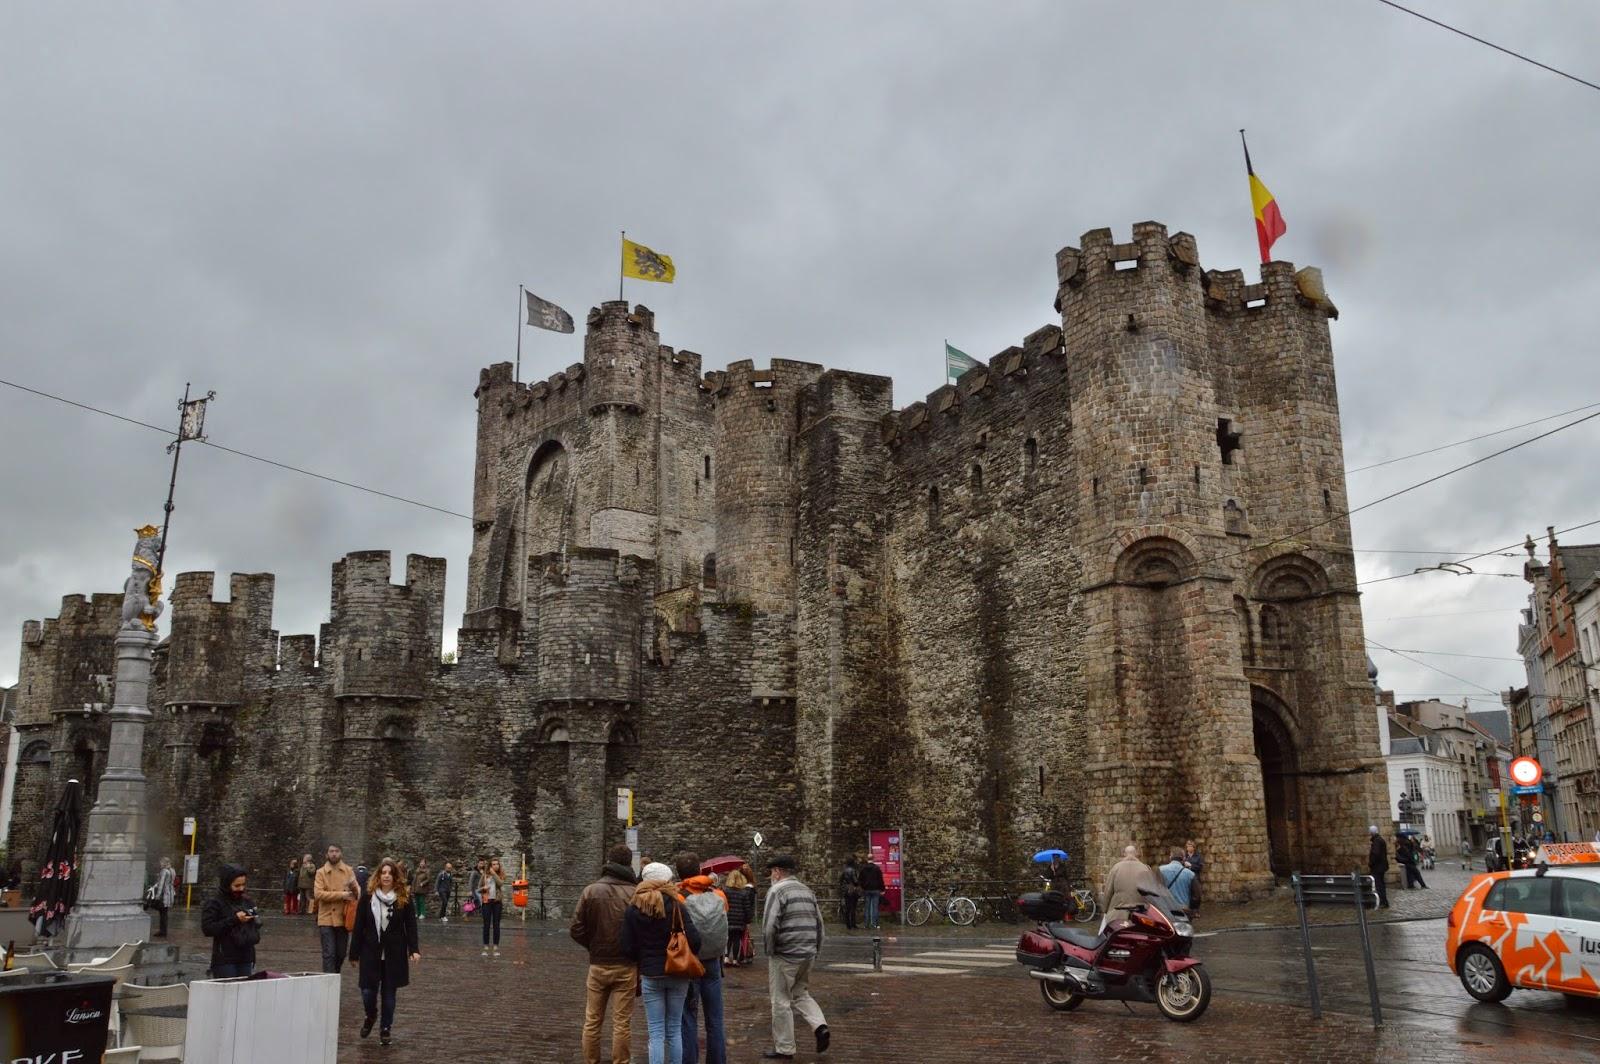 Castello dei conti - Gravesteen